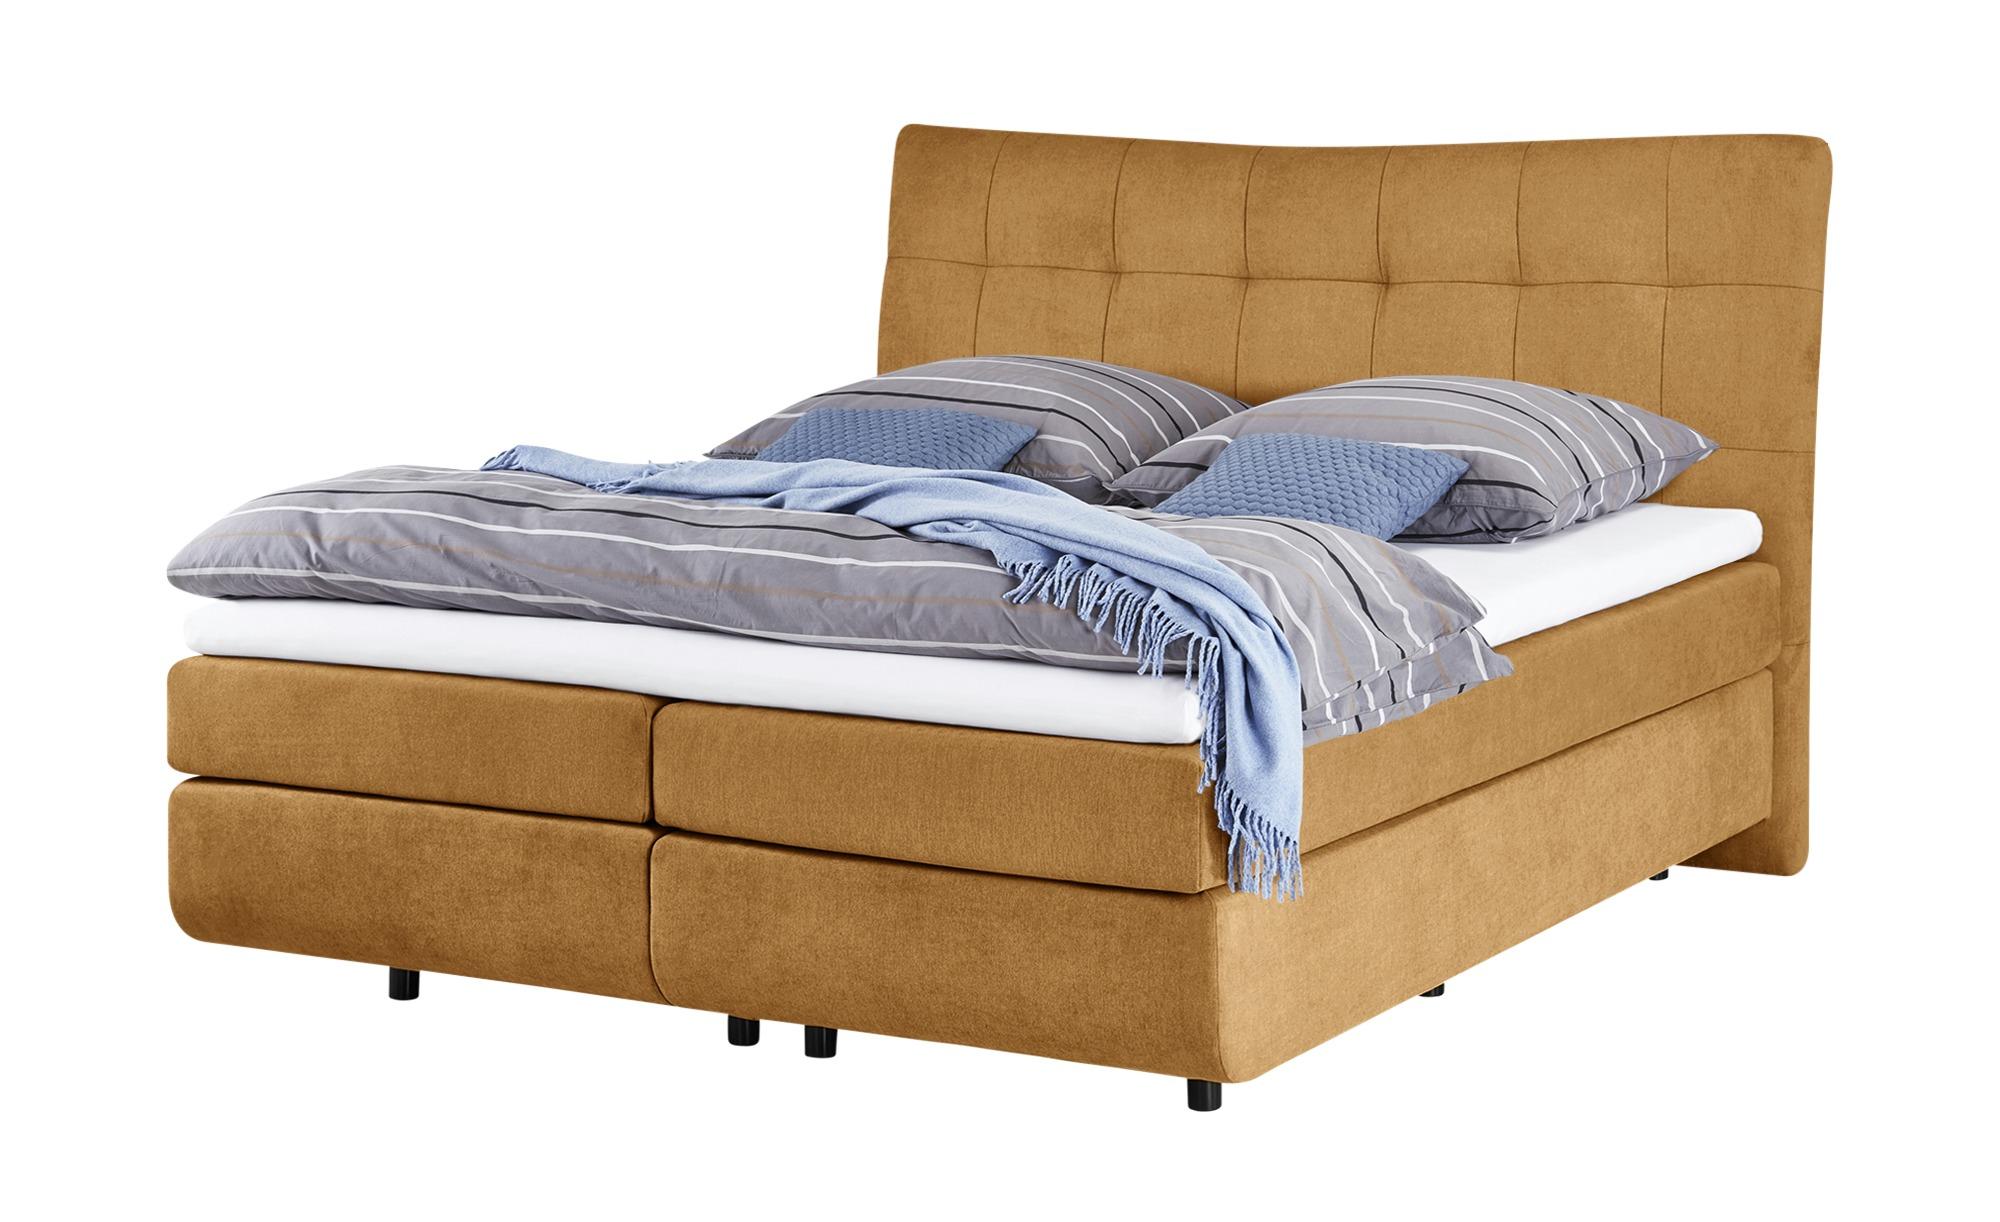 Doppelbett 140x200 Mit Matratze Gebrauchte Betten Kaufen Berlin Bett 180x200 Weiss Gunstig Doppelbett Mit Schubladen Guns Boxspringbett Bett Betten Kaufen